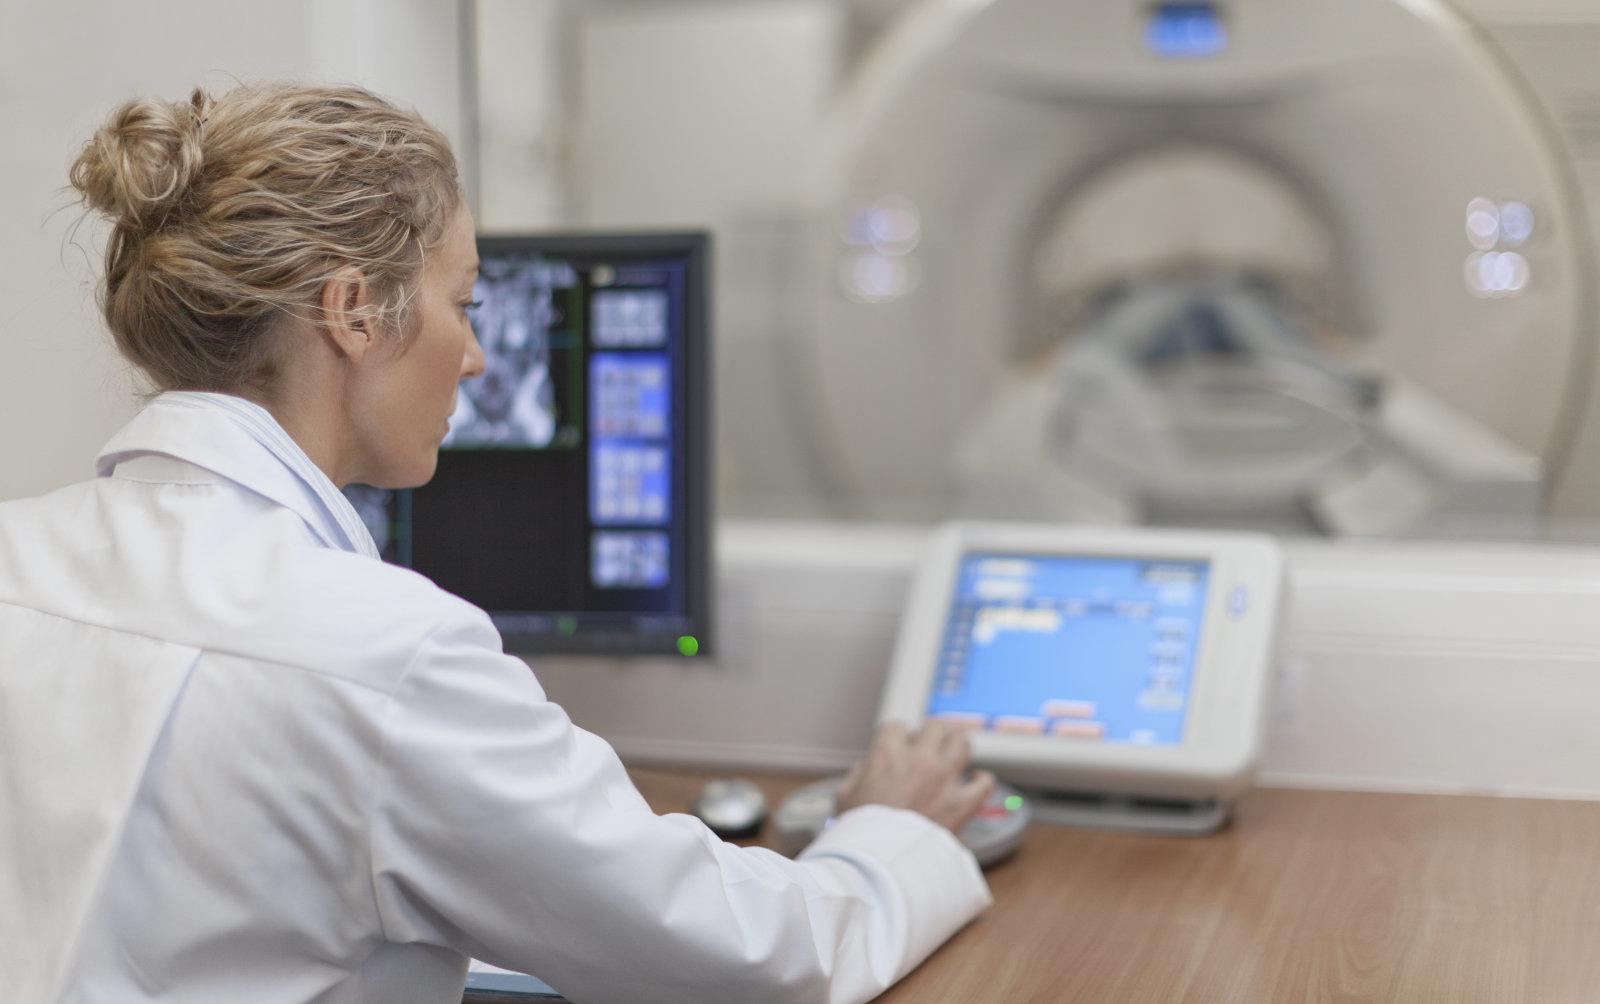 گوگل با استفاده از هوش مصنوعی احتمال ابتلا به سرطان ریه را پیشبینی کرد